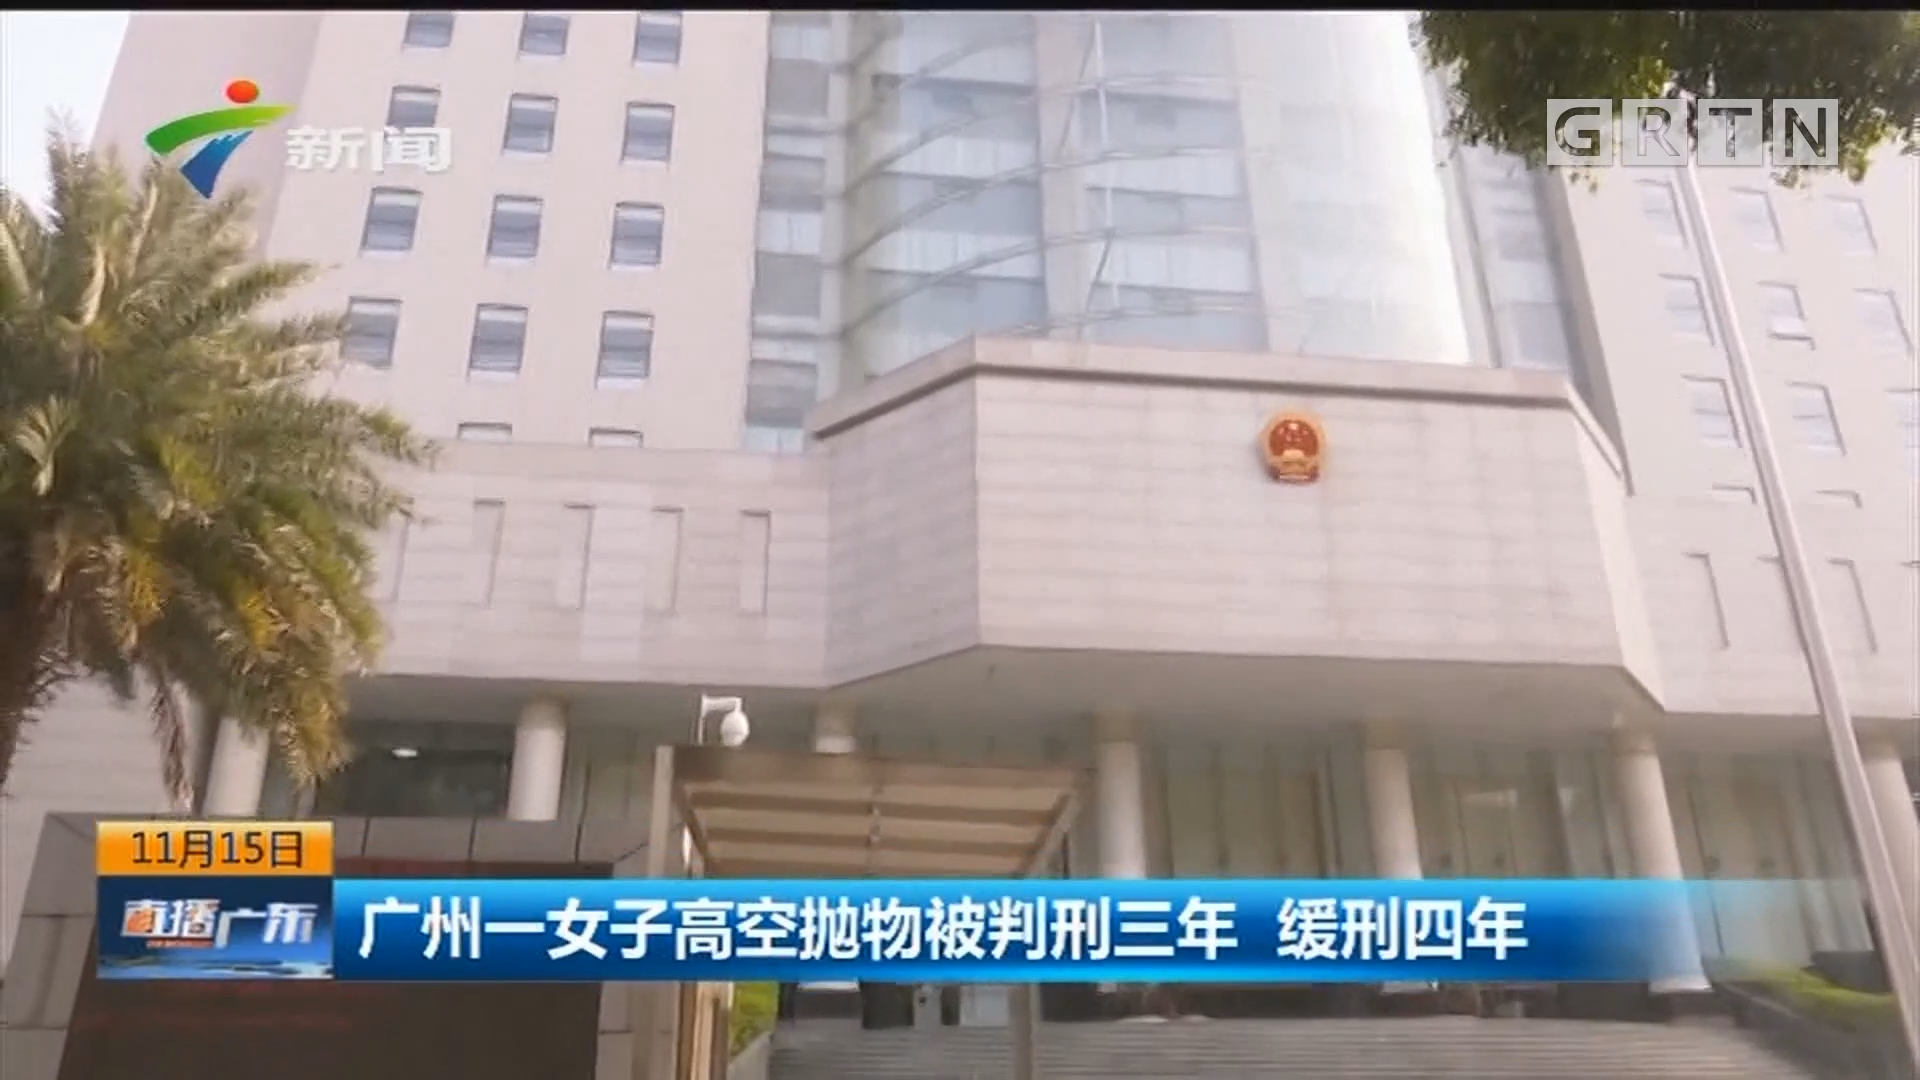 广州一女子高空抛物被判刑三年 缓刑四年